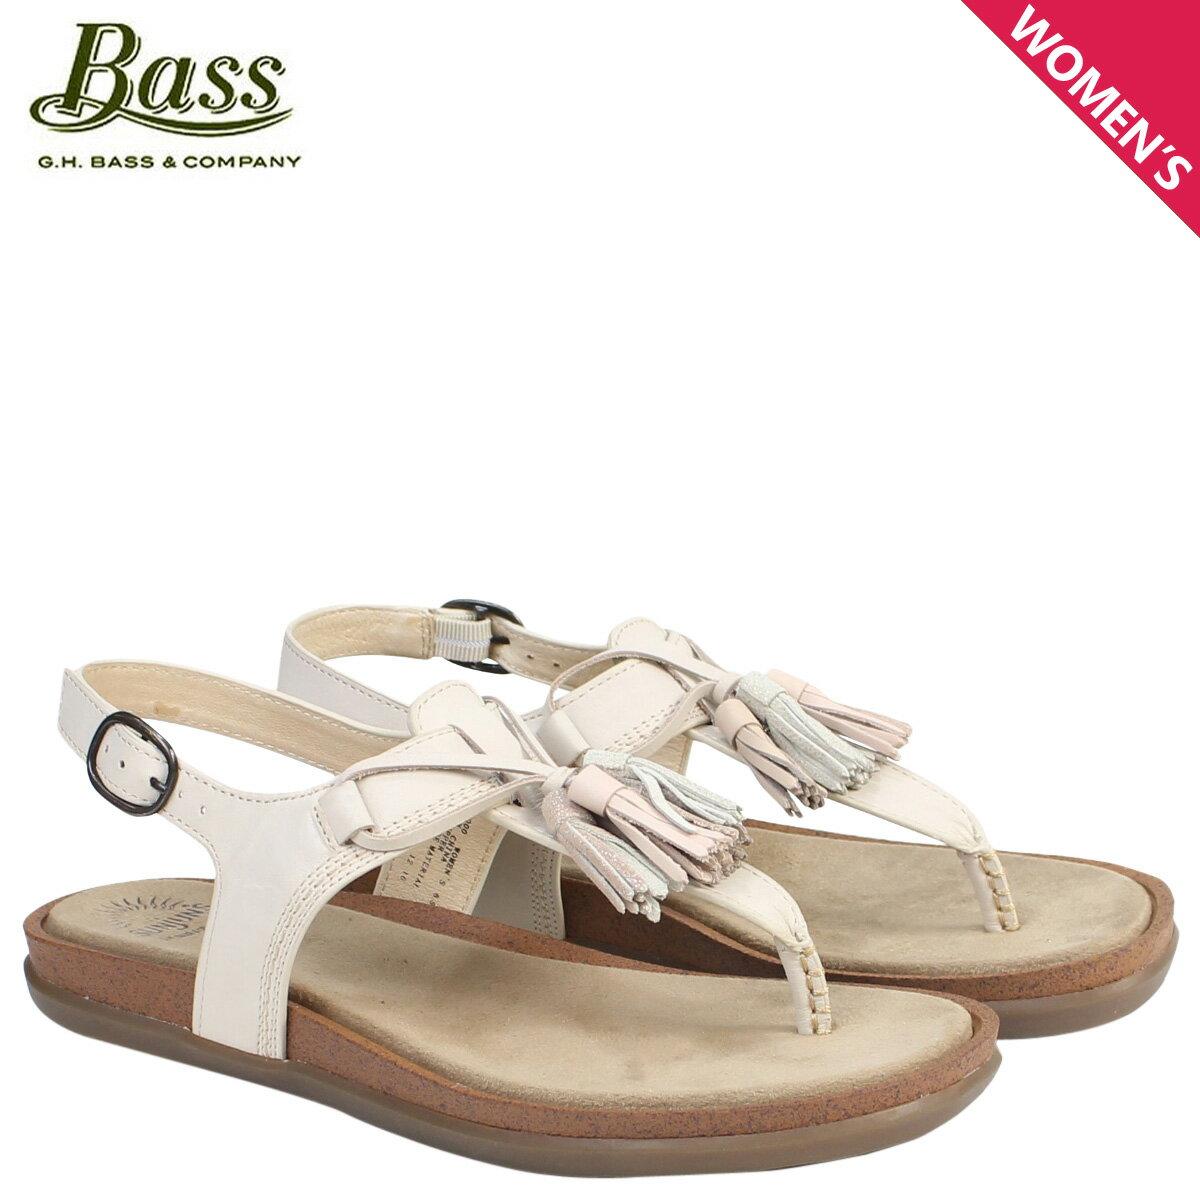 ジーエイチバス サンダル レディース G.H. BASS トング Tストラップ SADIE T-STRAP SUNJUNS 71-23000 靴 クリーム [177]